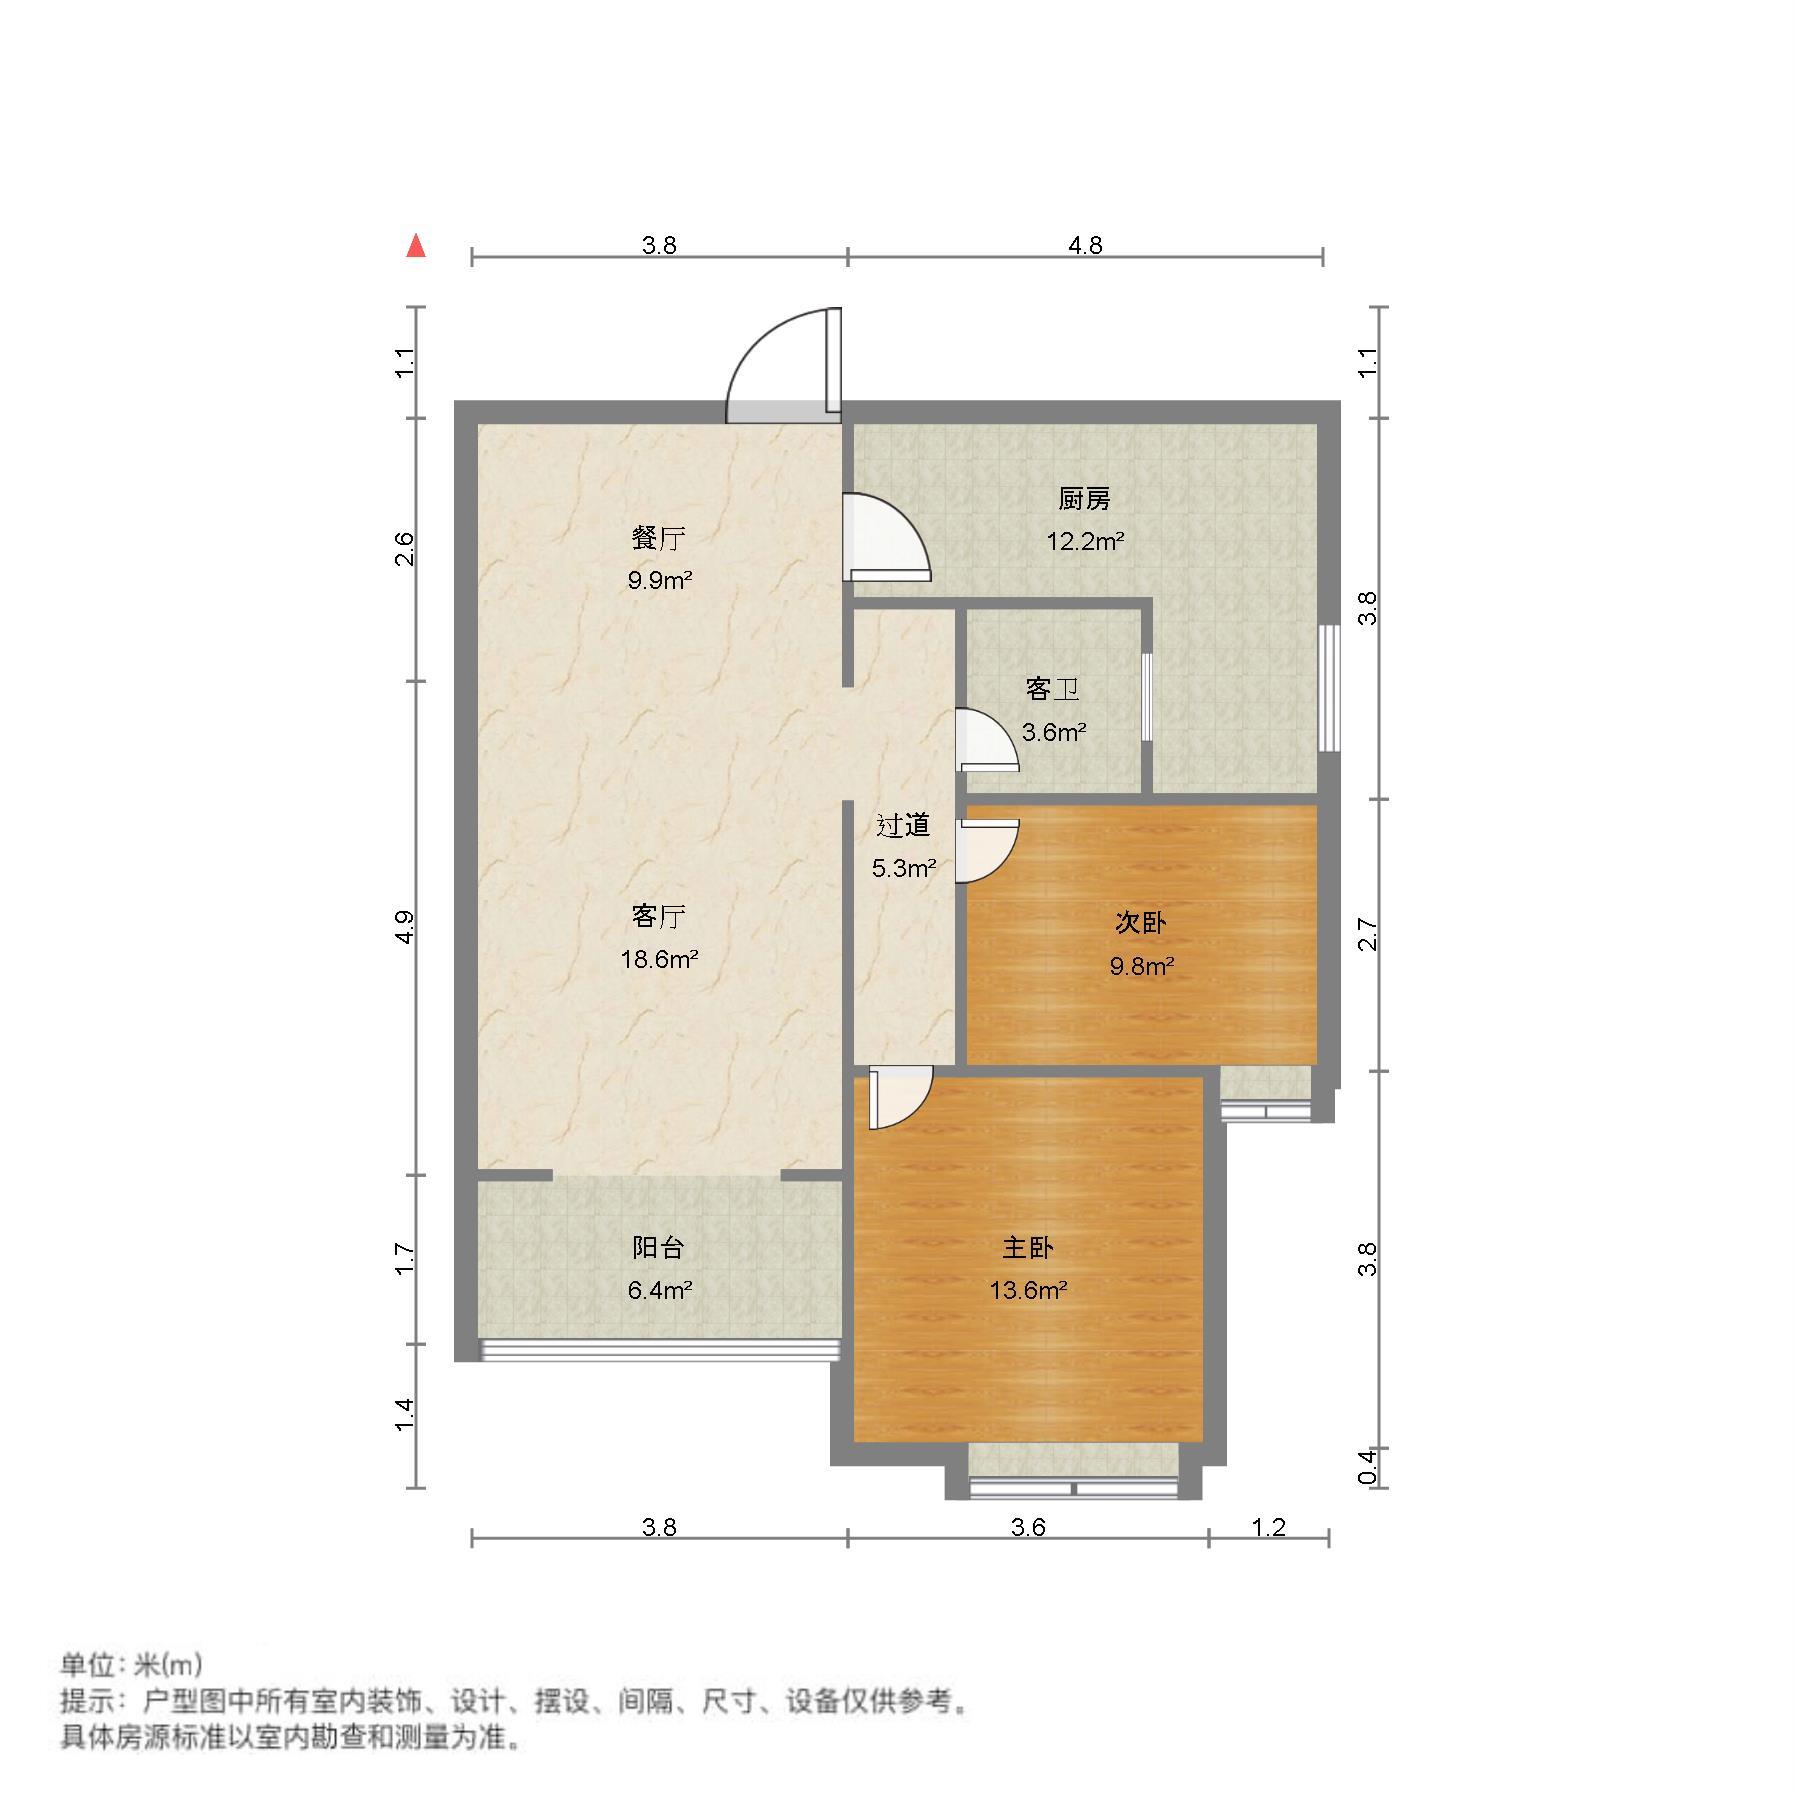 福星城精装大二房.首付无要求8月份满二年房东配合过户